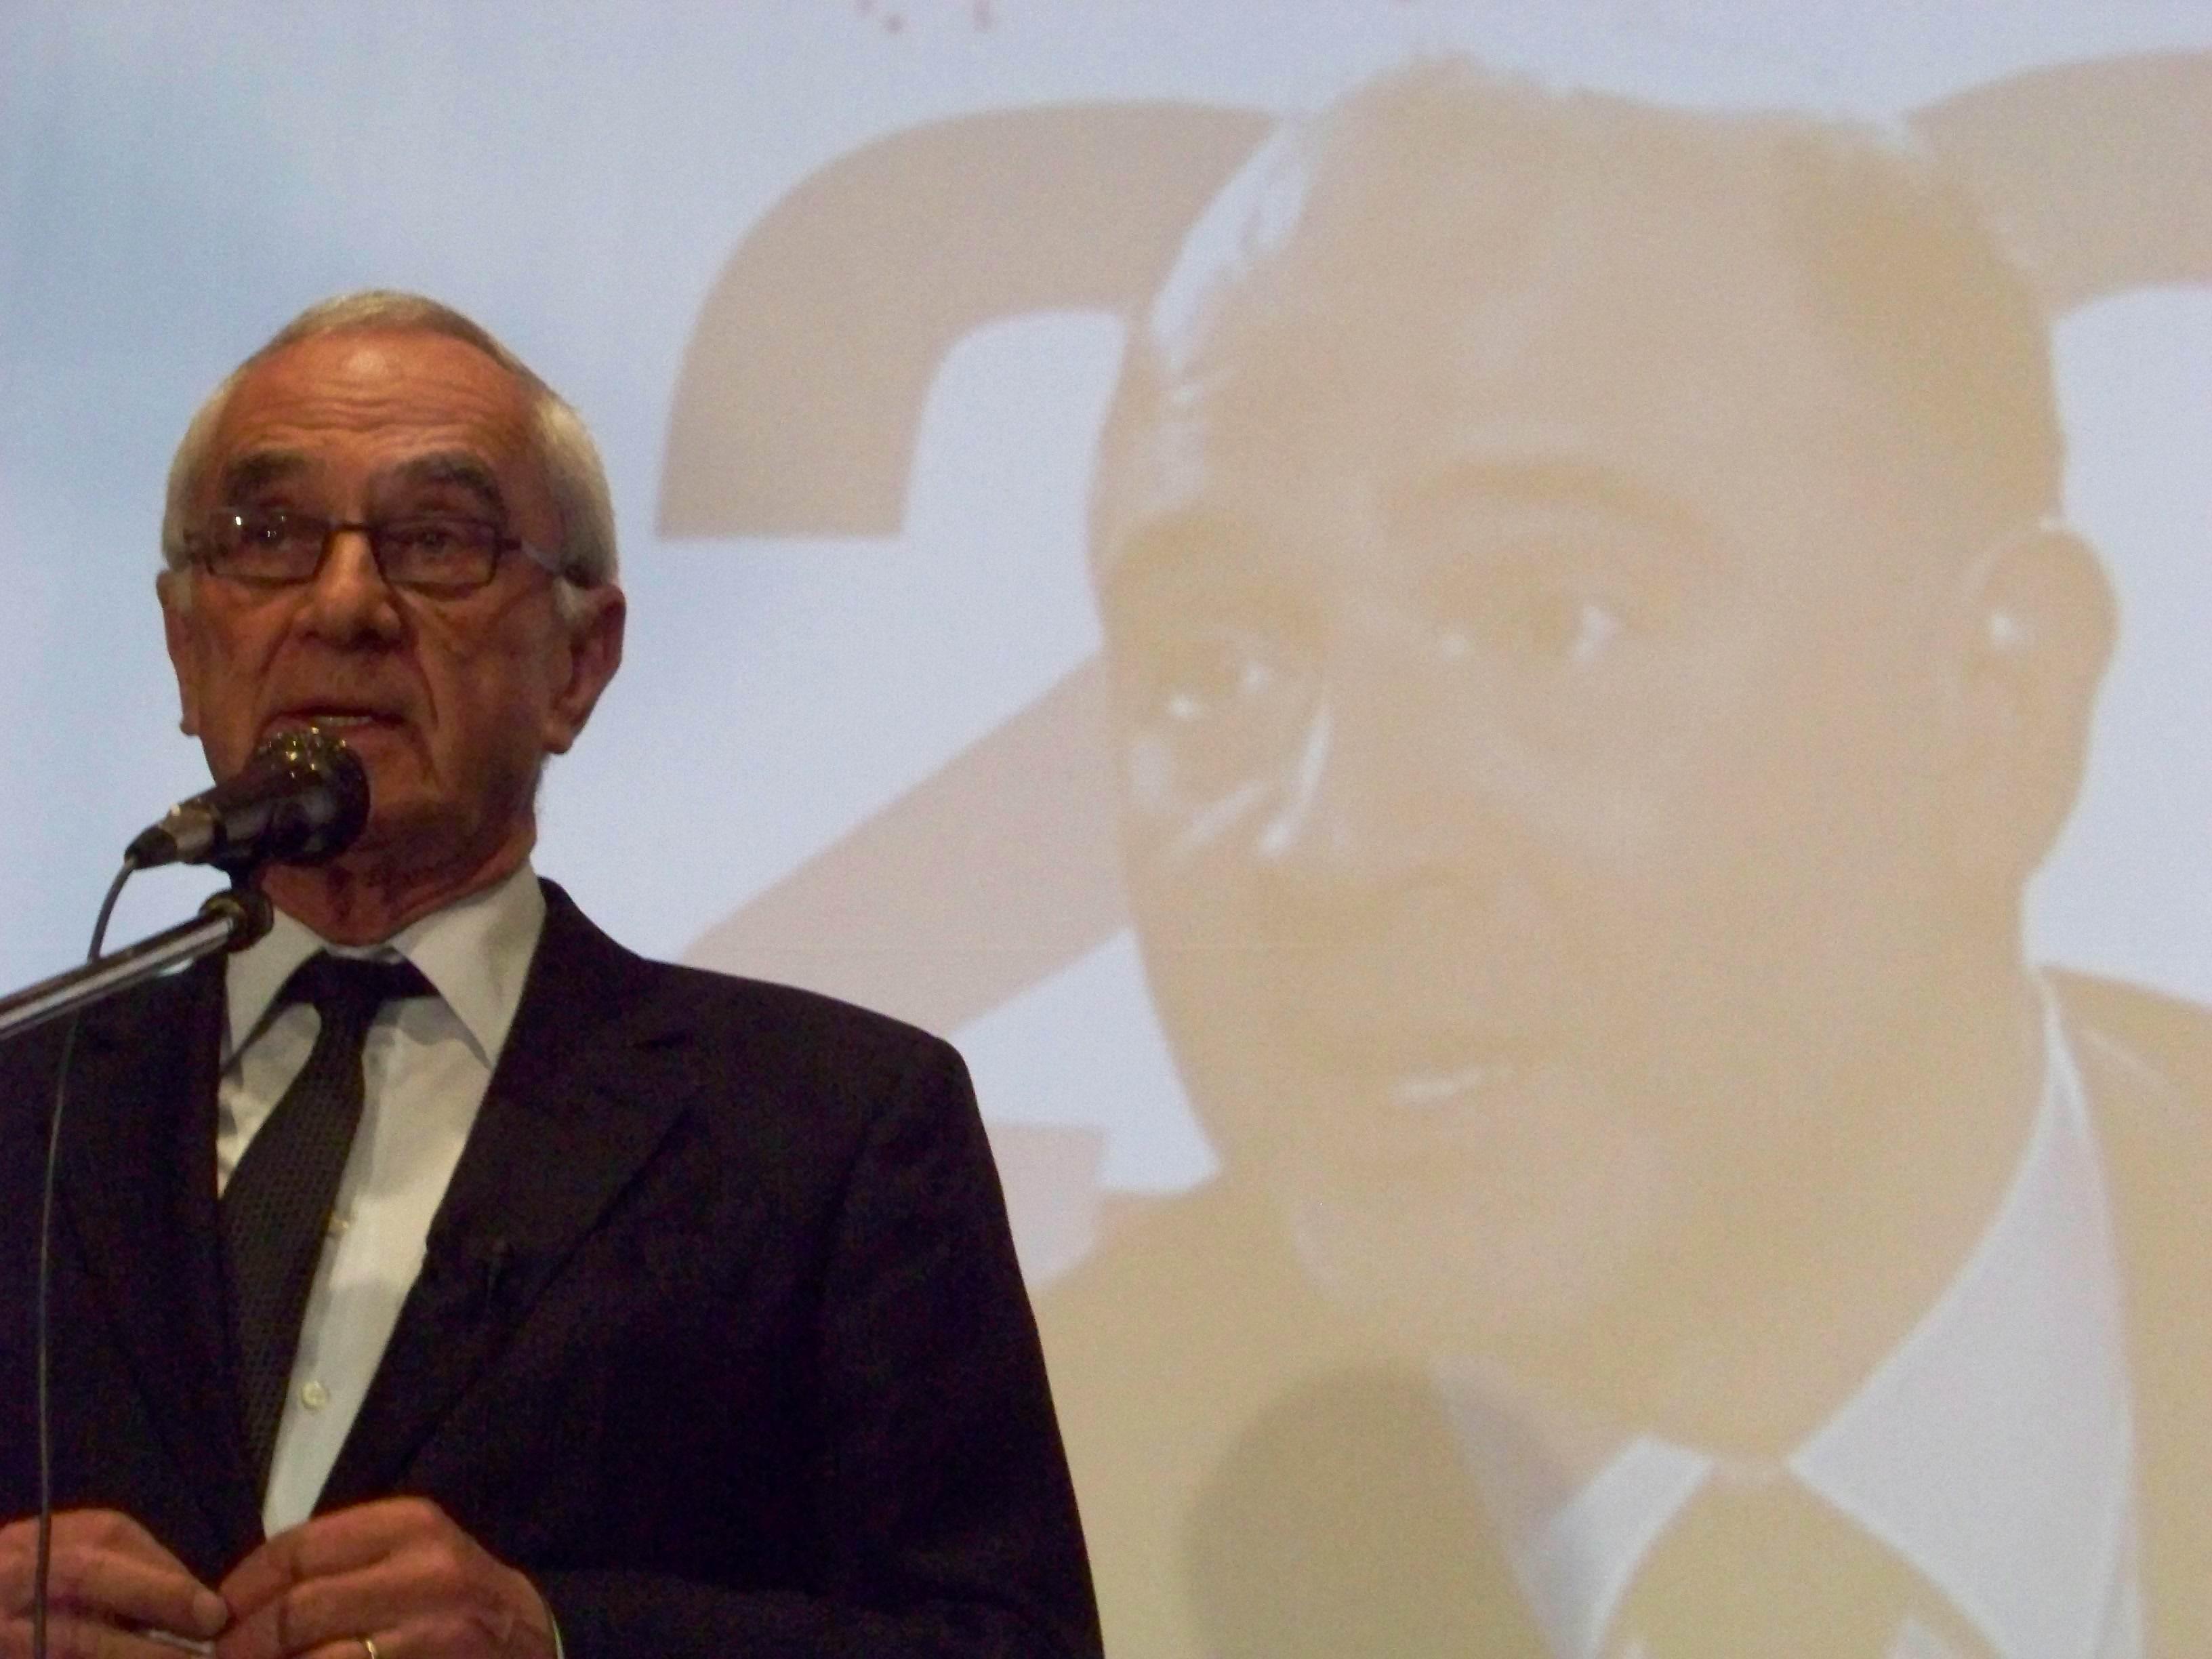 Martin Malvy fraîchement élu, remercie ses militants pour sa victoire. (Photo Enrique Moreira )